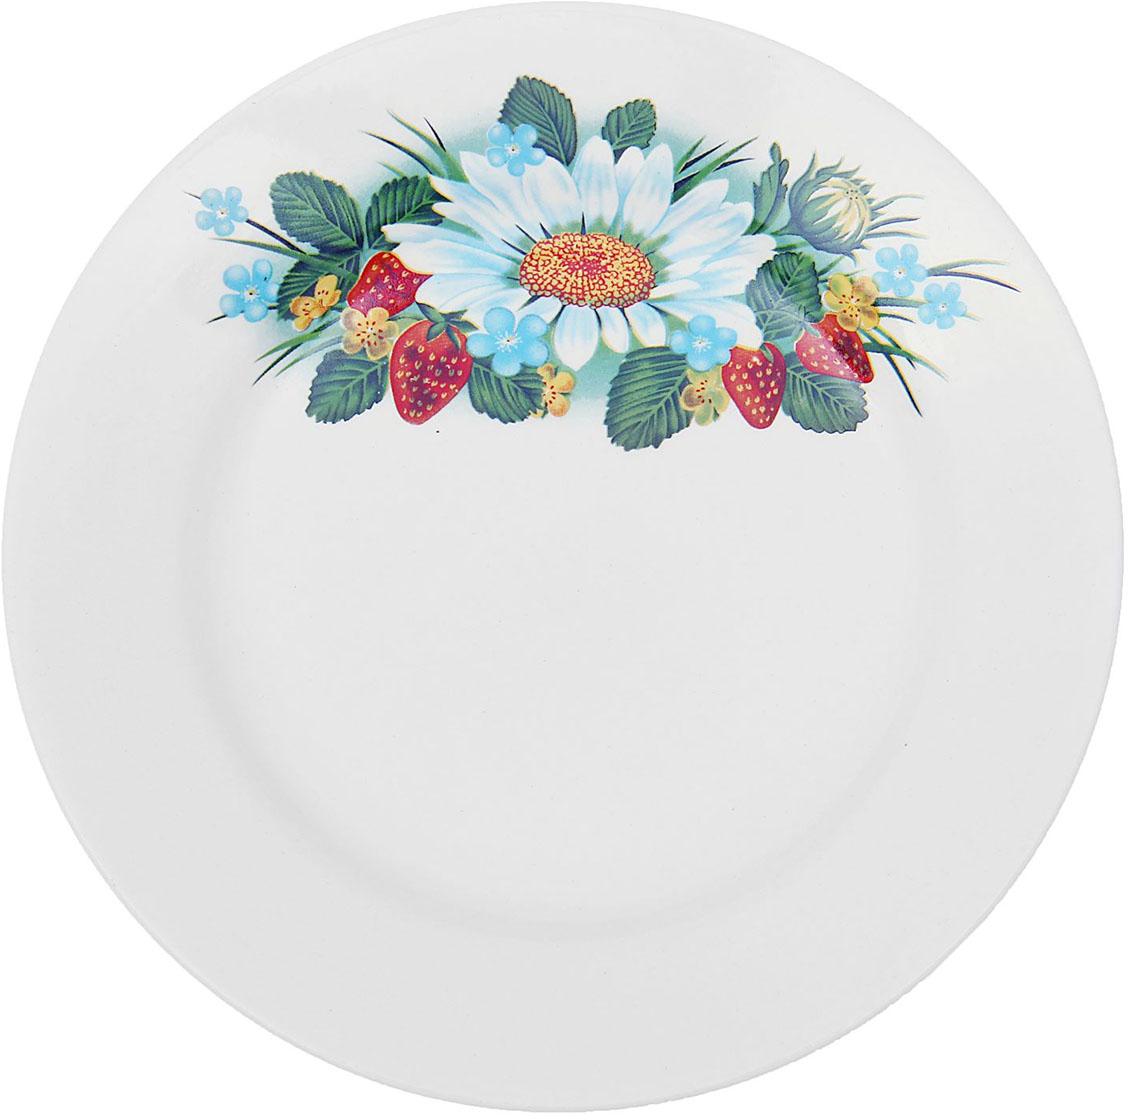 Тарелка мелкая Керамика ручной работы Лесная деколь, диаметр 17,5 см1821302Данная тарелка понравится любителям вкусной и полезной домашней пищи. Такая посуда практична и красива, в ней можно хранить и подавать разнообразные блюда. При многократном использовании изделие сохранит свой вид и выдержит мытье в посудомоечной машине. В керамической емкости горячая пища долго сохраняет свое тепло, остуженные блюда остаются прохладными. Изделие не выделяет вредных веществ при нагревании и длительном хранении за счет экологичности материала.